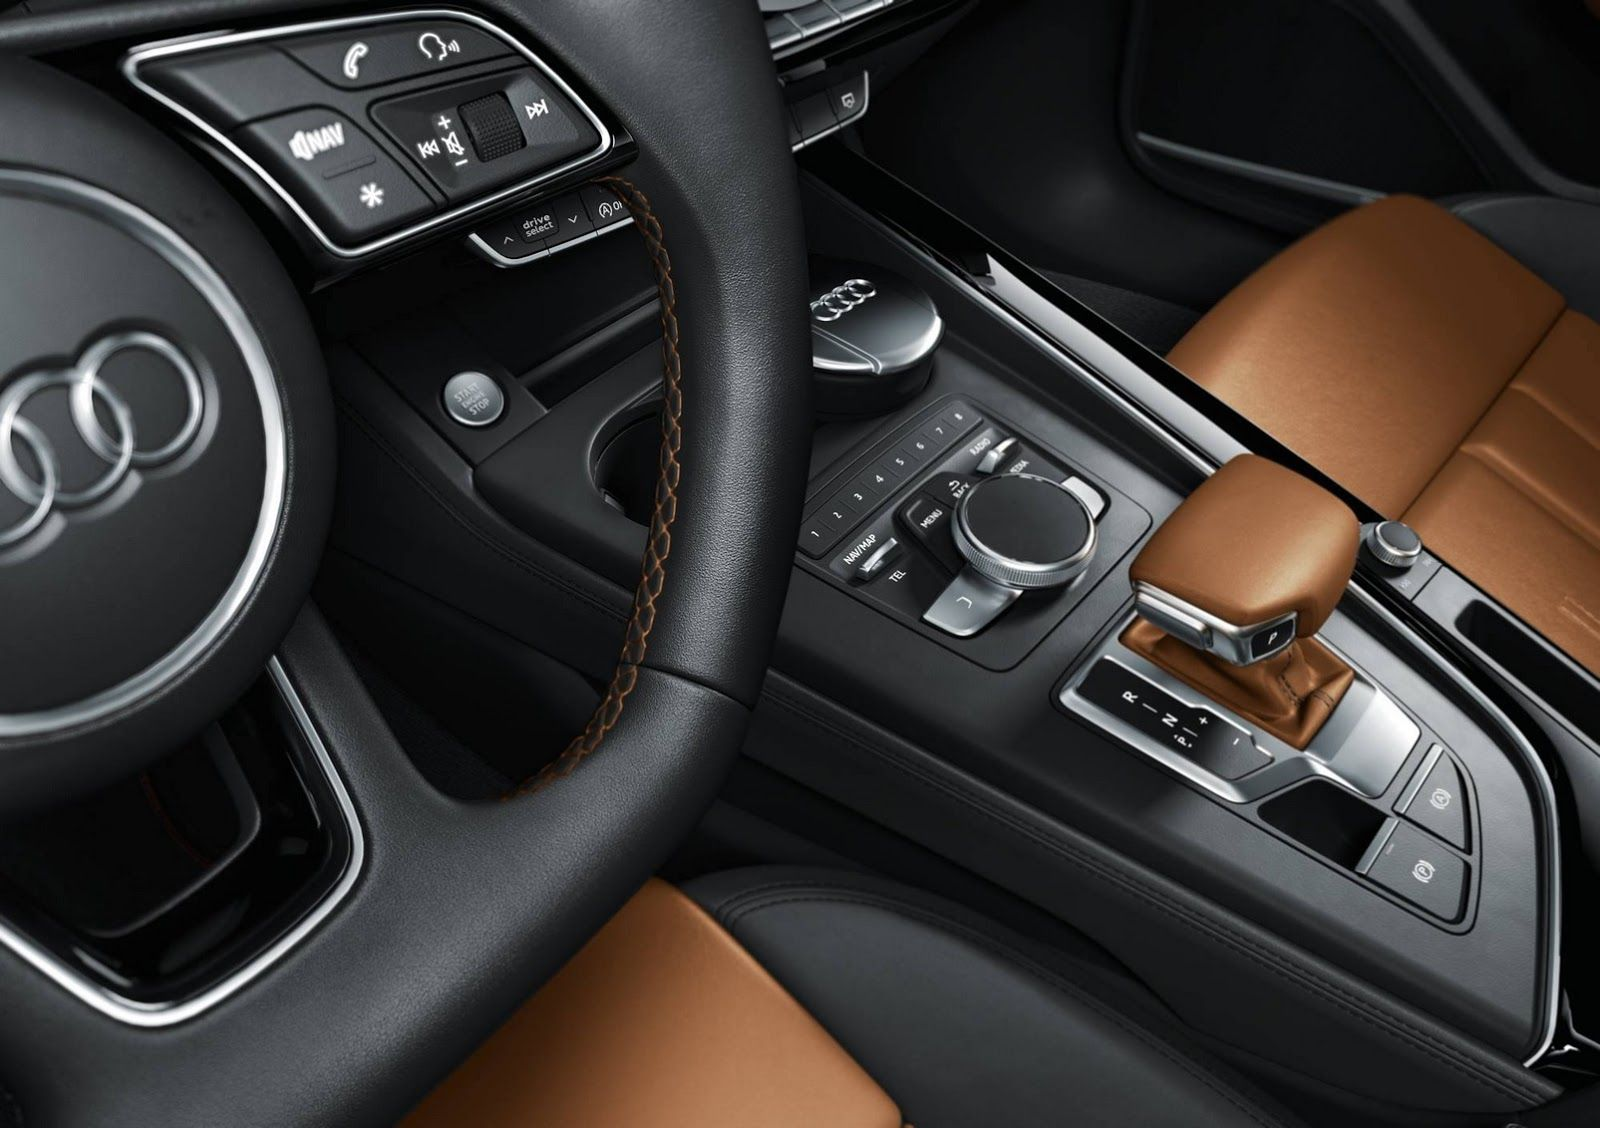 Audi Italia Promotes Goodwood Green A4 Exclusive Carscoops Car Interior Audi Lost Car Keys